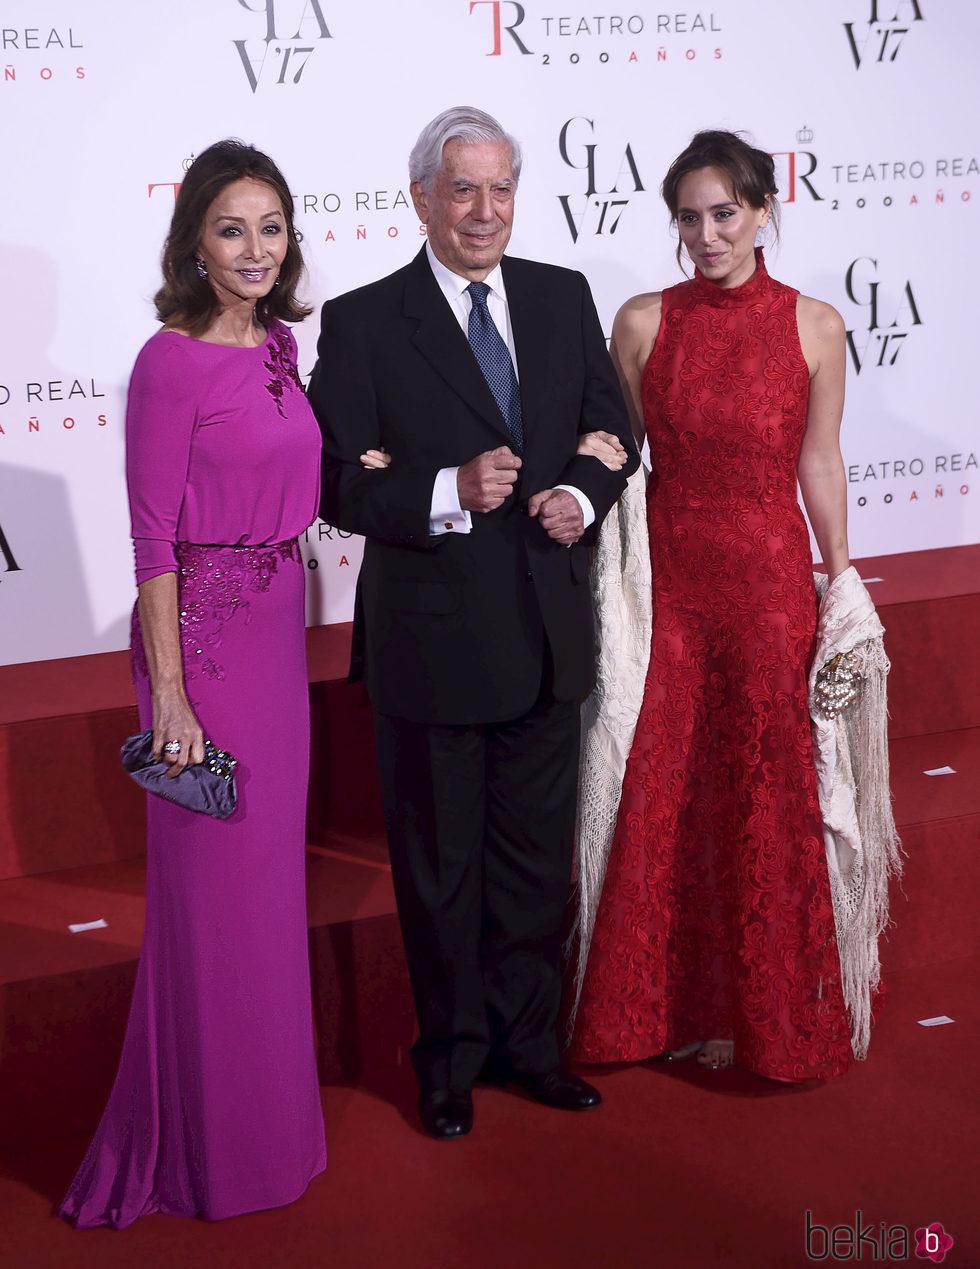 Isabel Preysler, Mario Vargas Llosa y Tamara Falcó acudiendo a la ópera